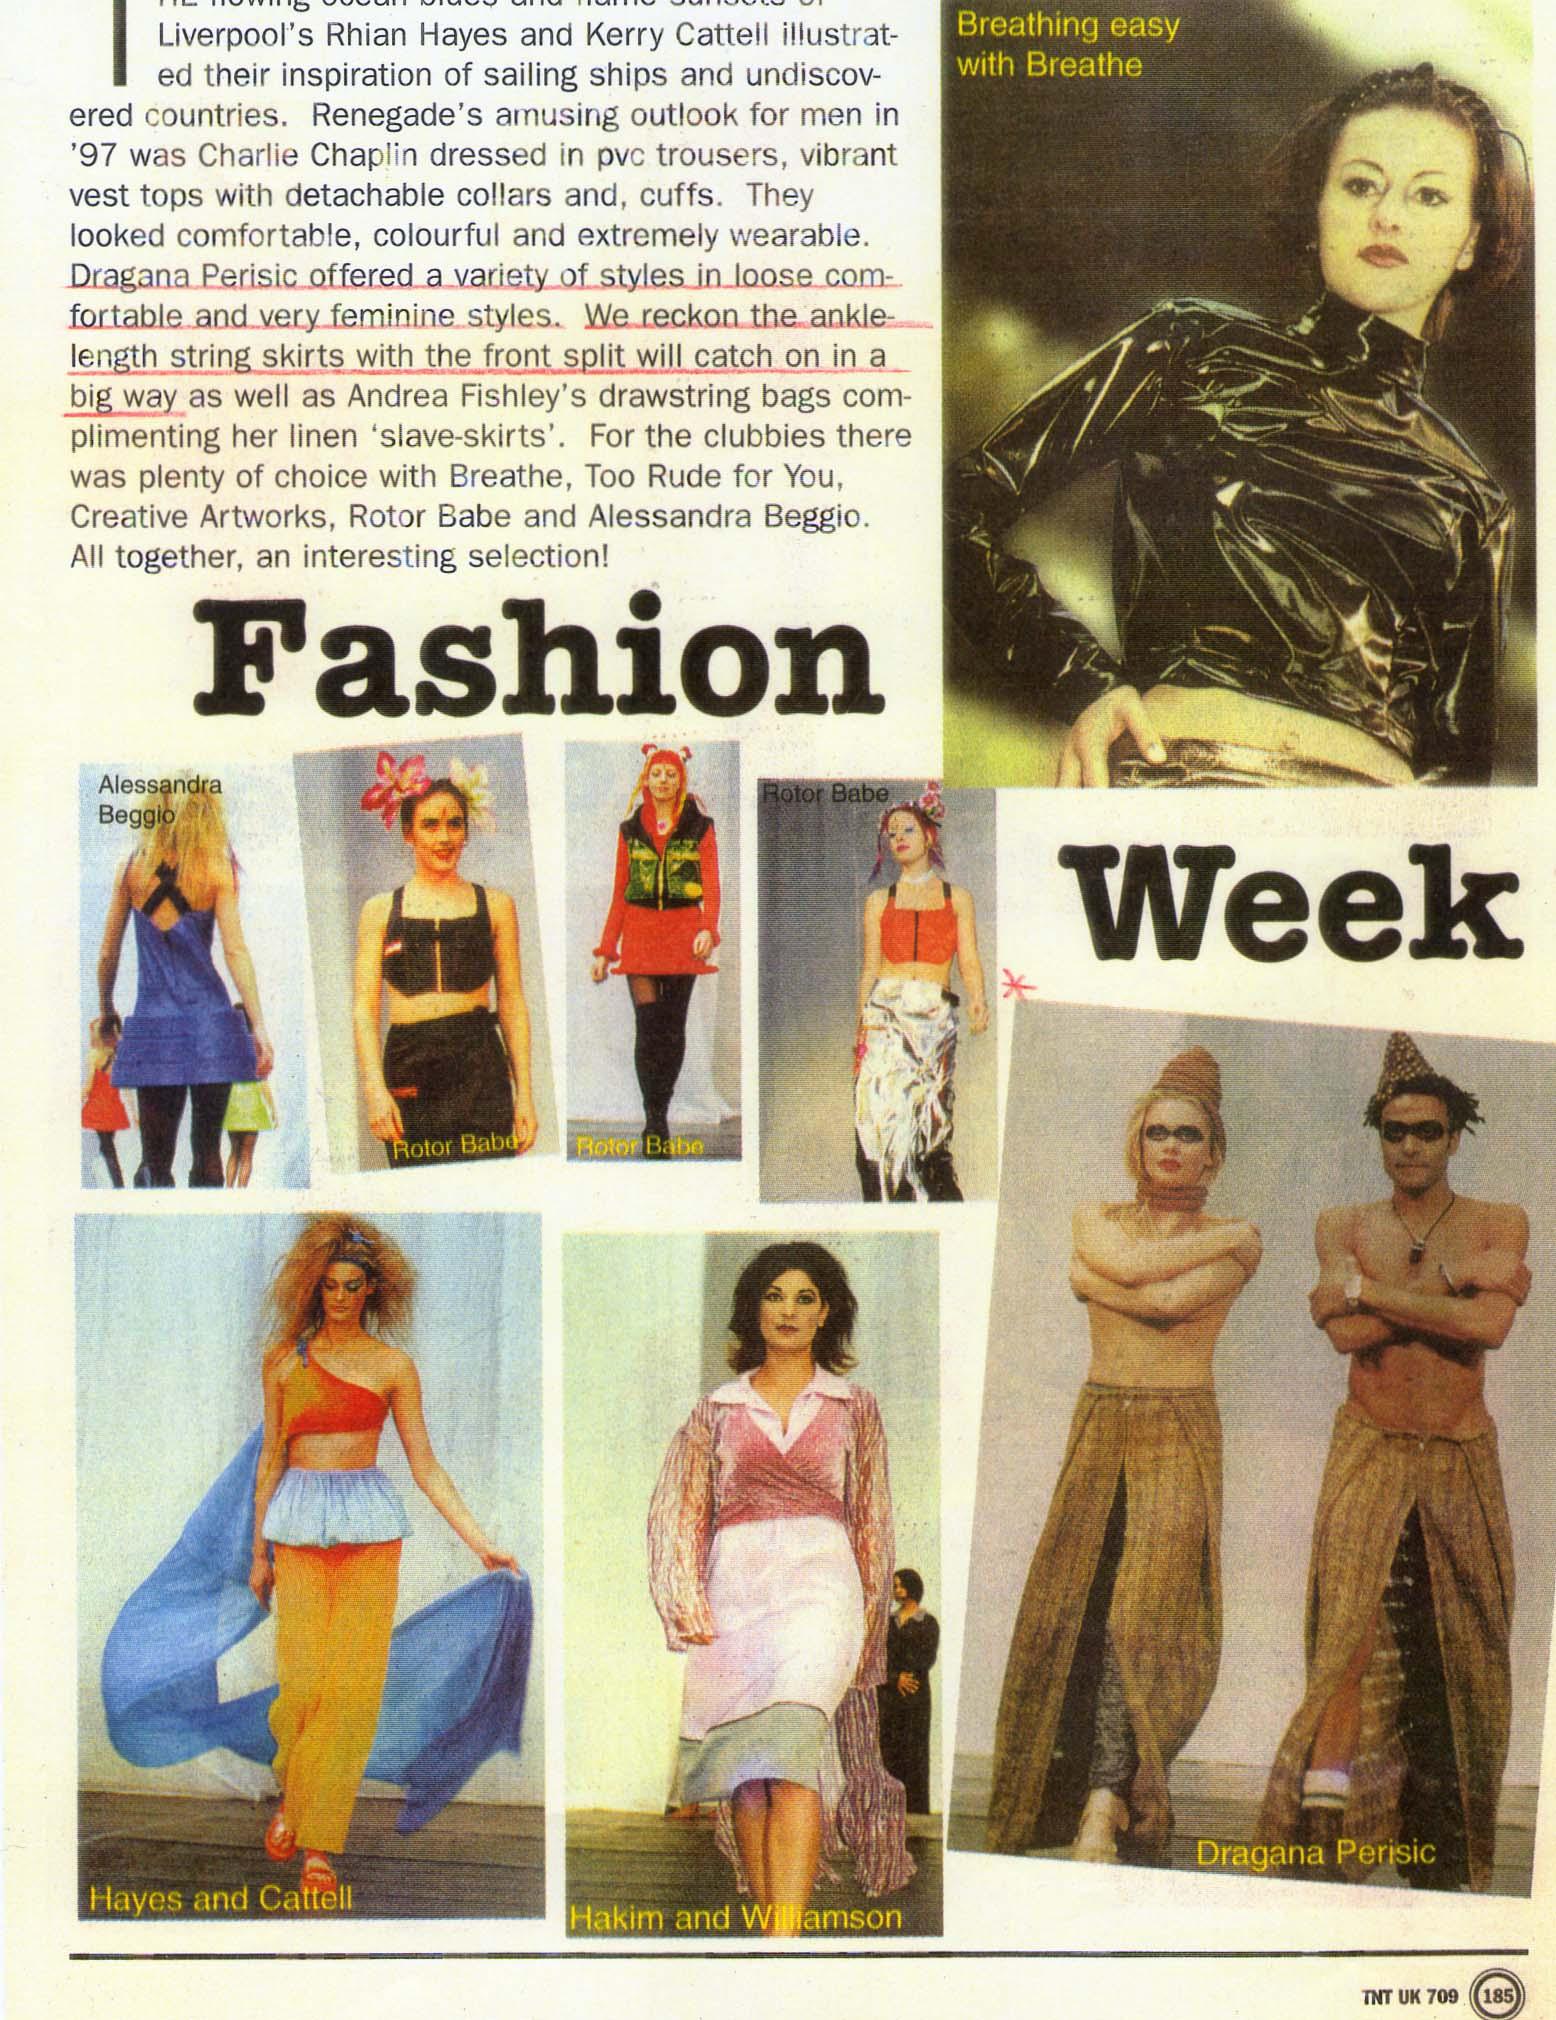 TNT Fashion lens 2of3.jpg